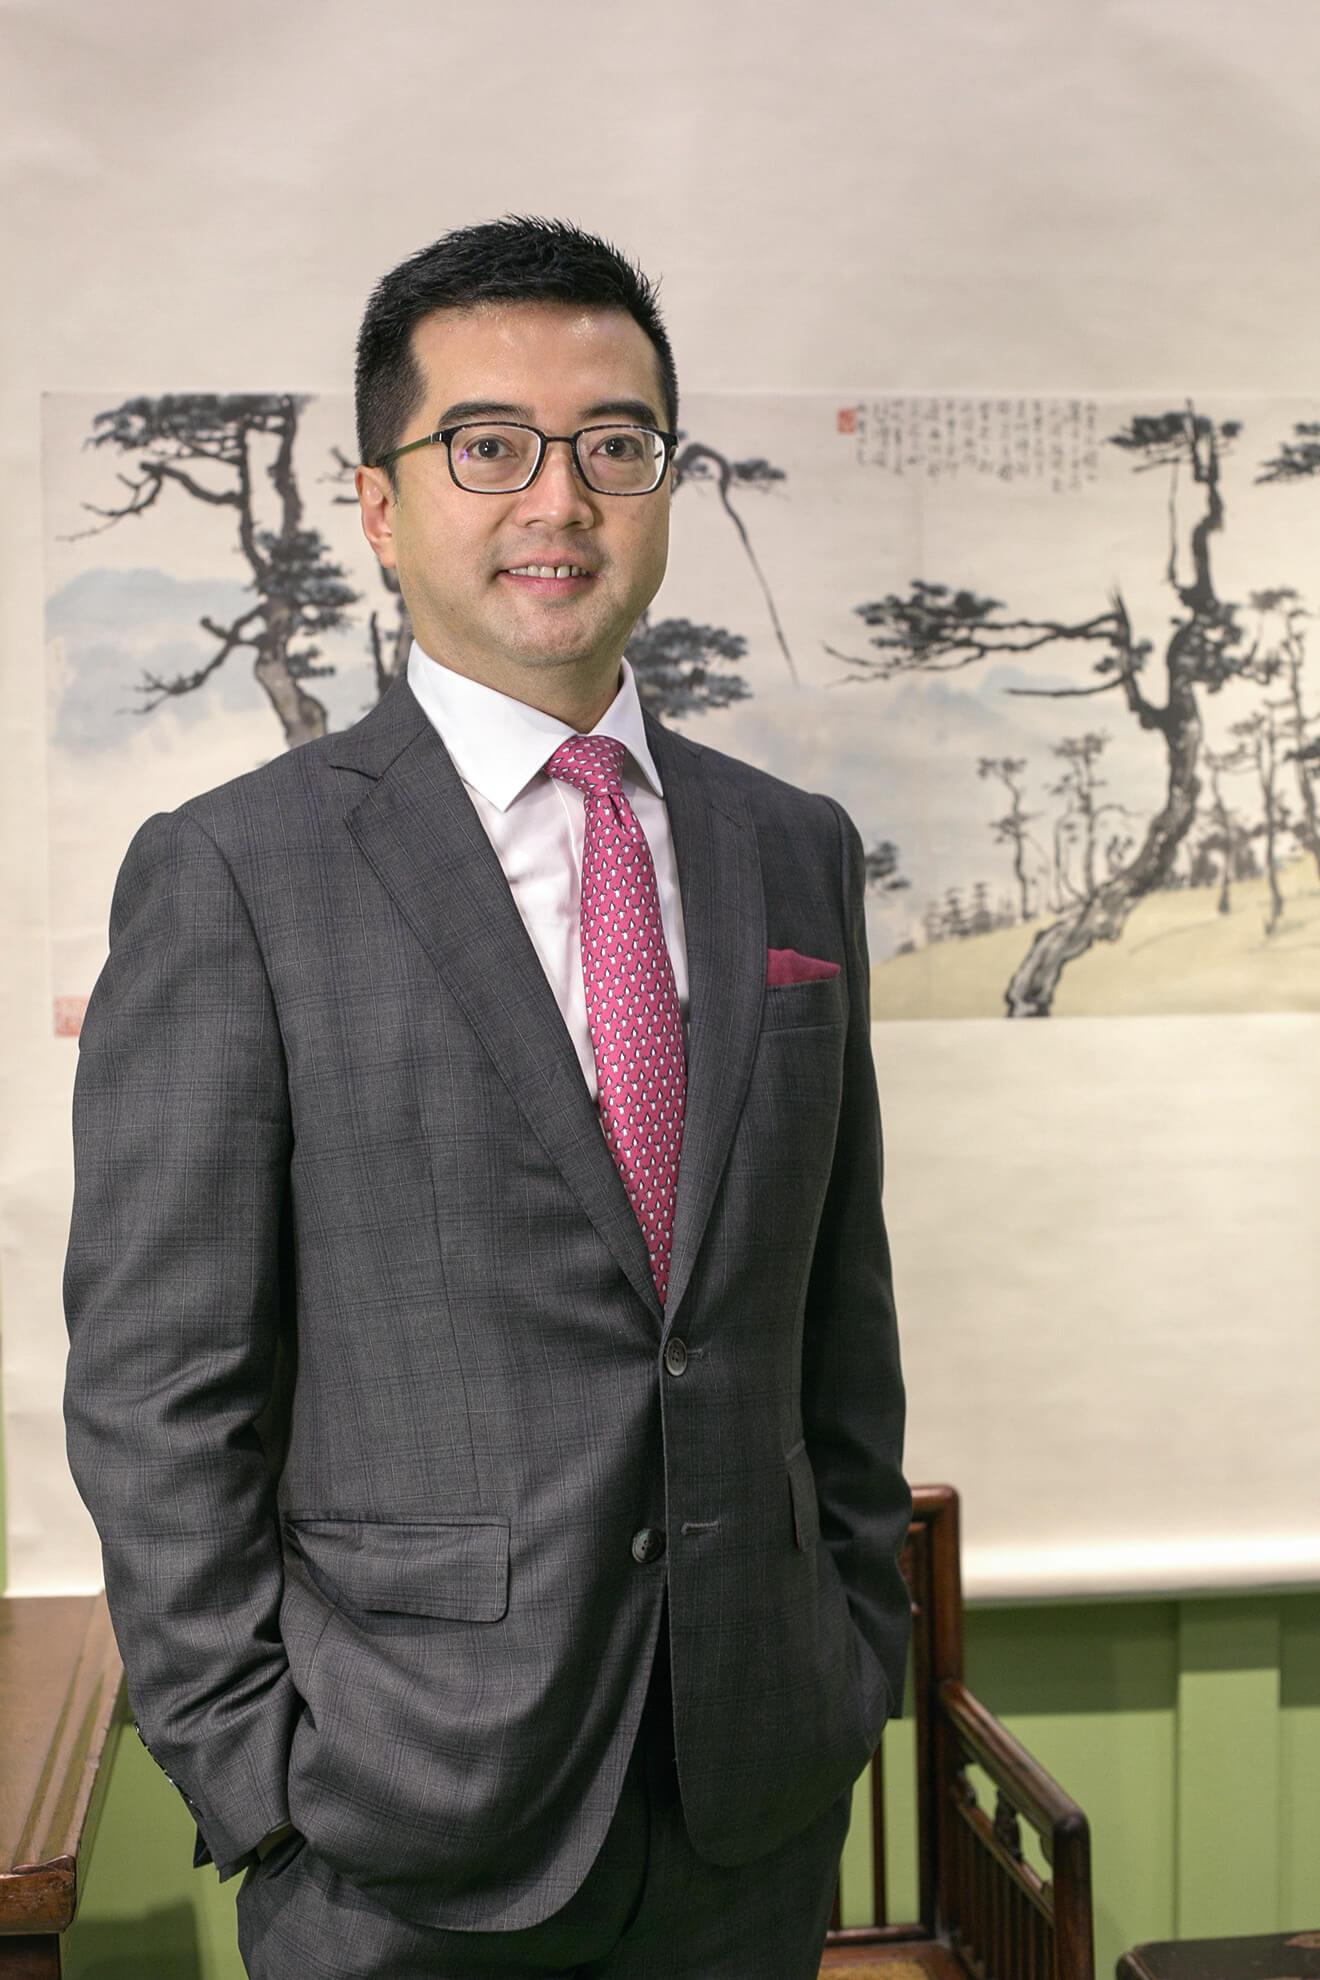 典亞藝博的創辦人及總監黑國強,對香港及藝博的前途感到樂觀,相信化危為機的力量。